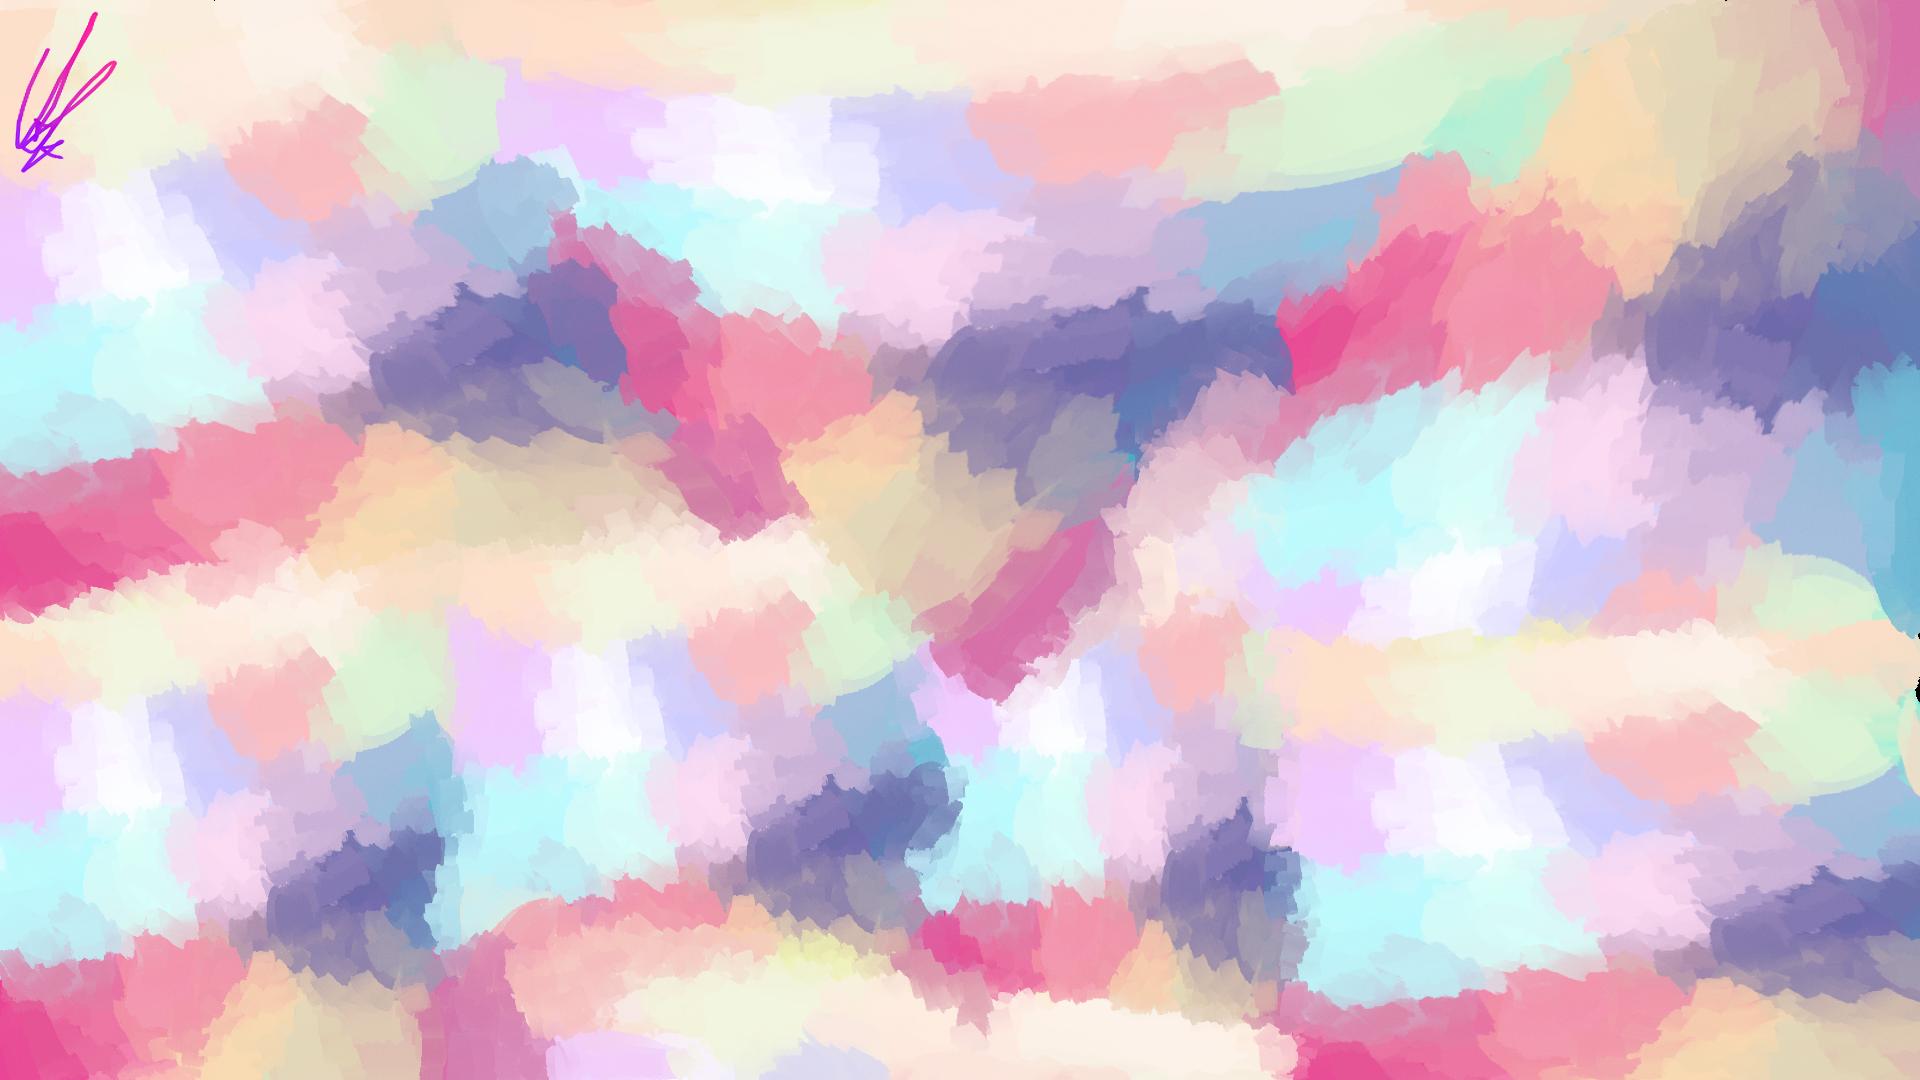 Pastel wallpaper by suppineiu 1920x1080